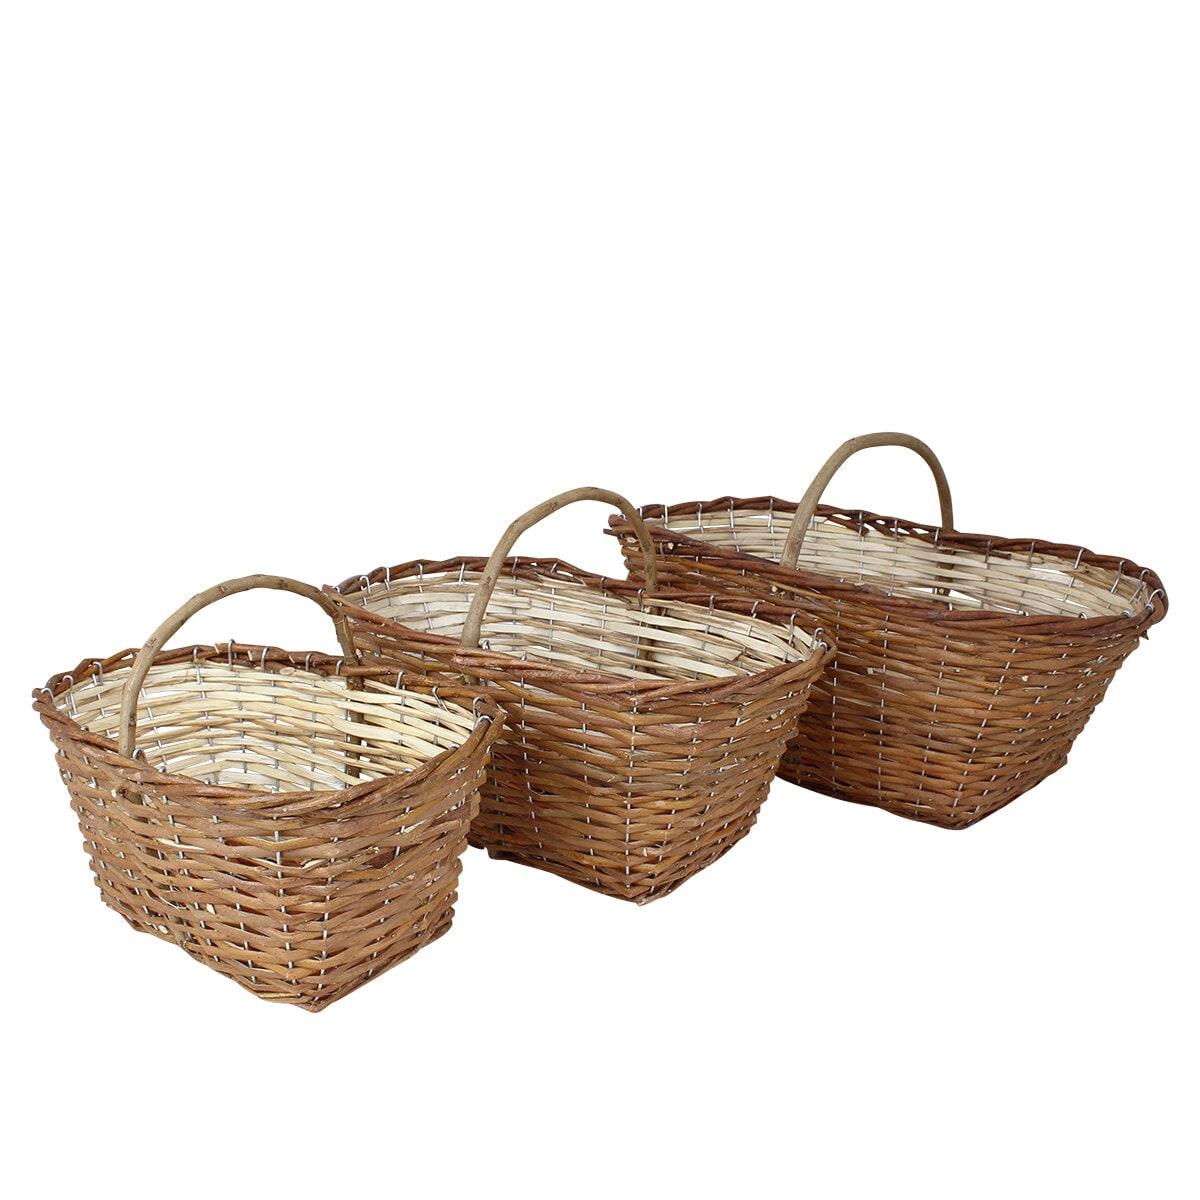 Willow Basket Iris S/3